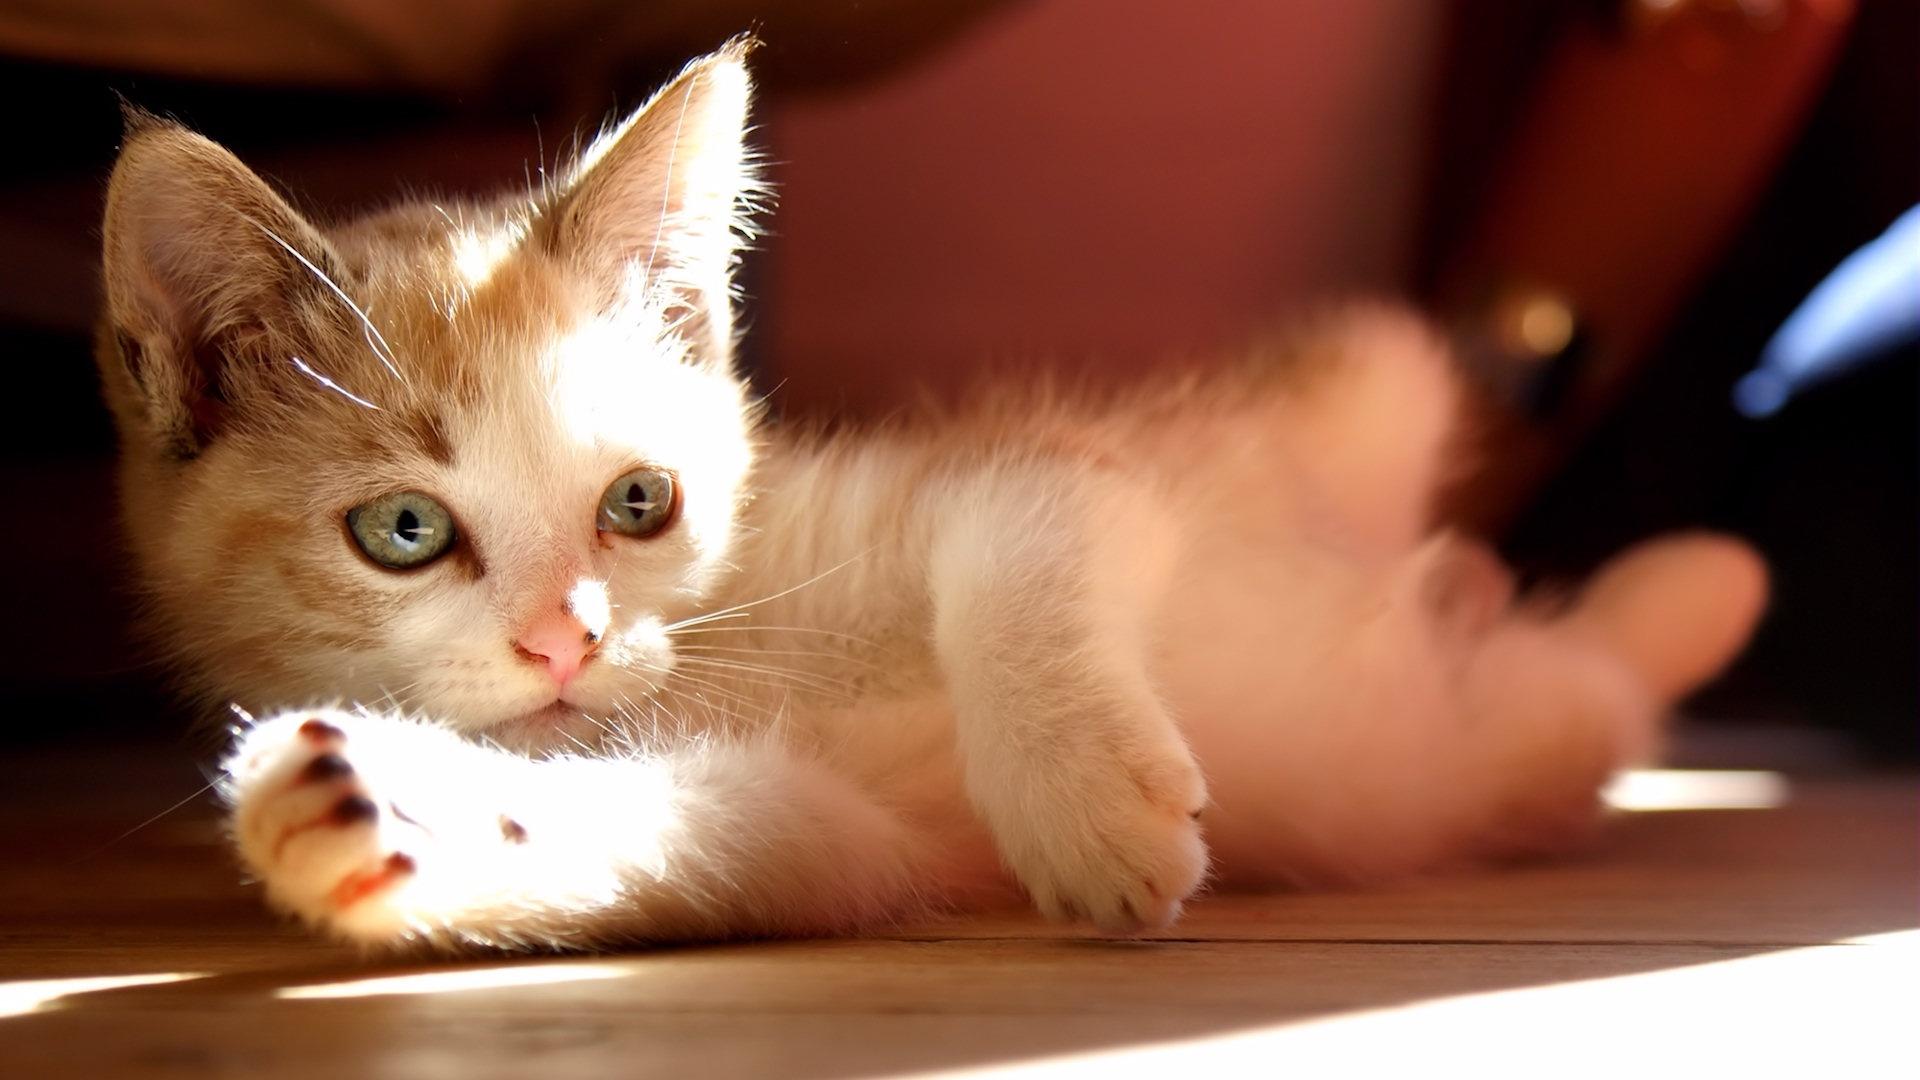 Cute Cat Desktop Kitten Archives wallpapers HD   213961 1920x1080